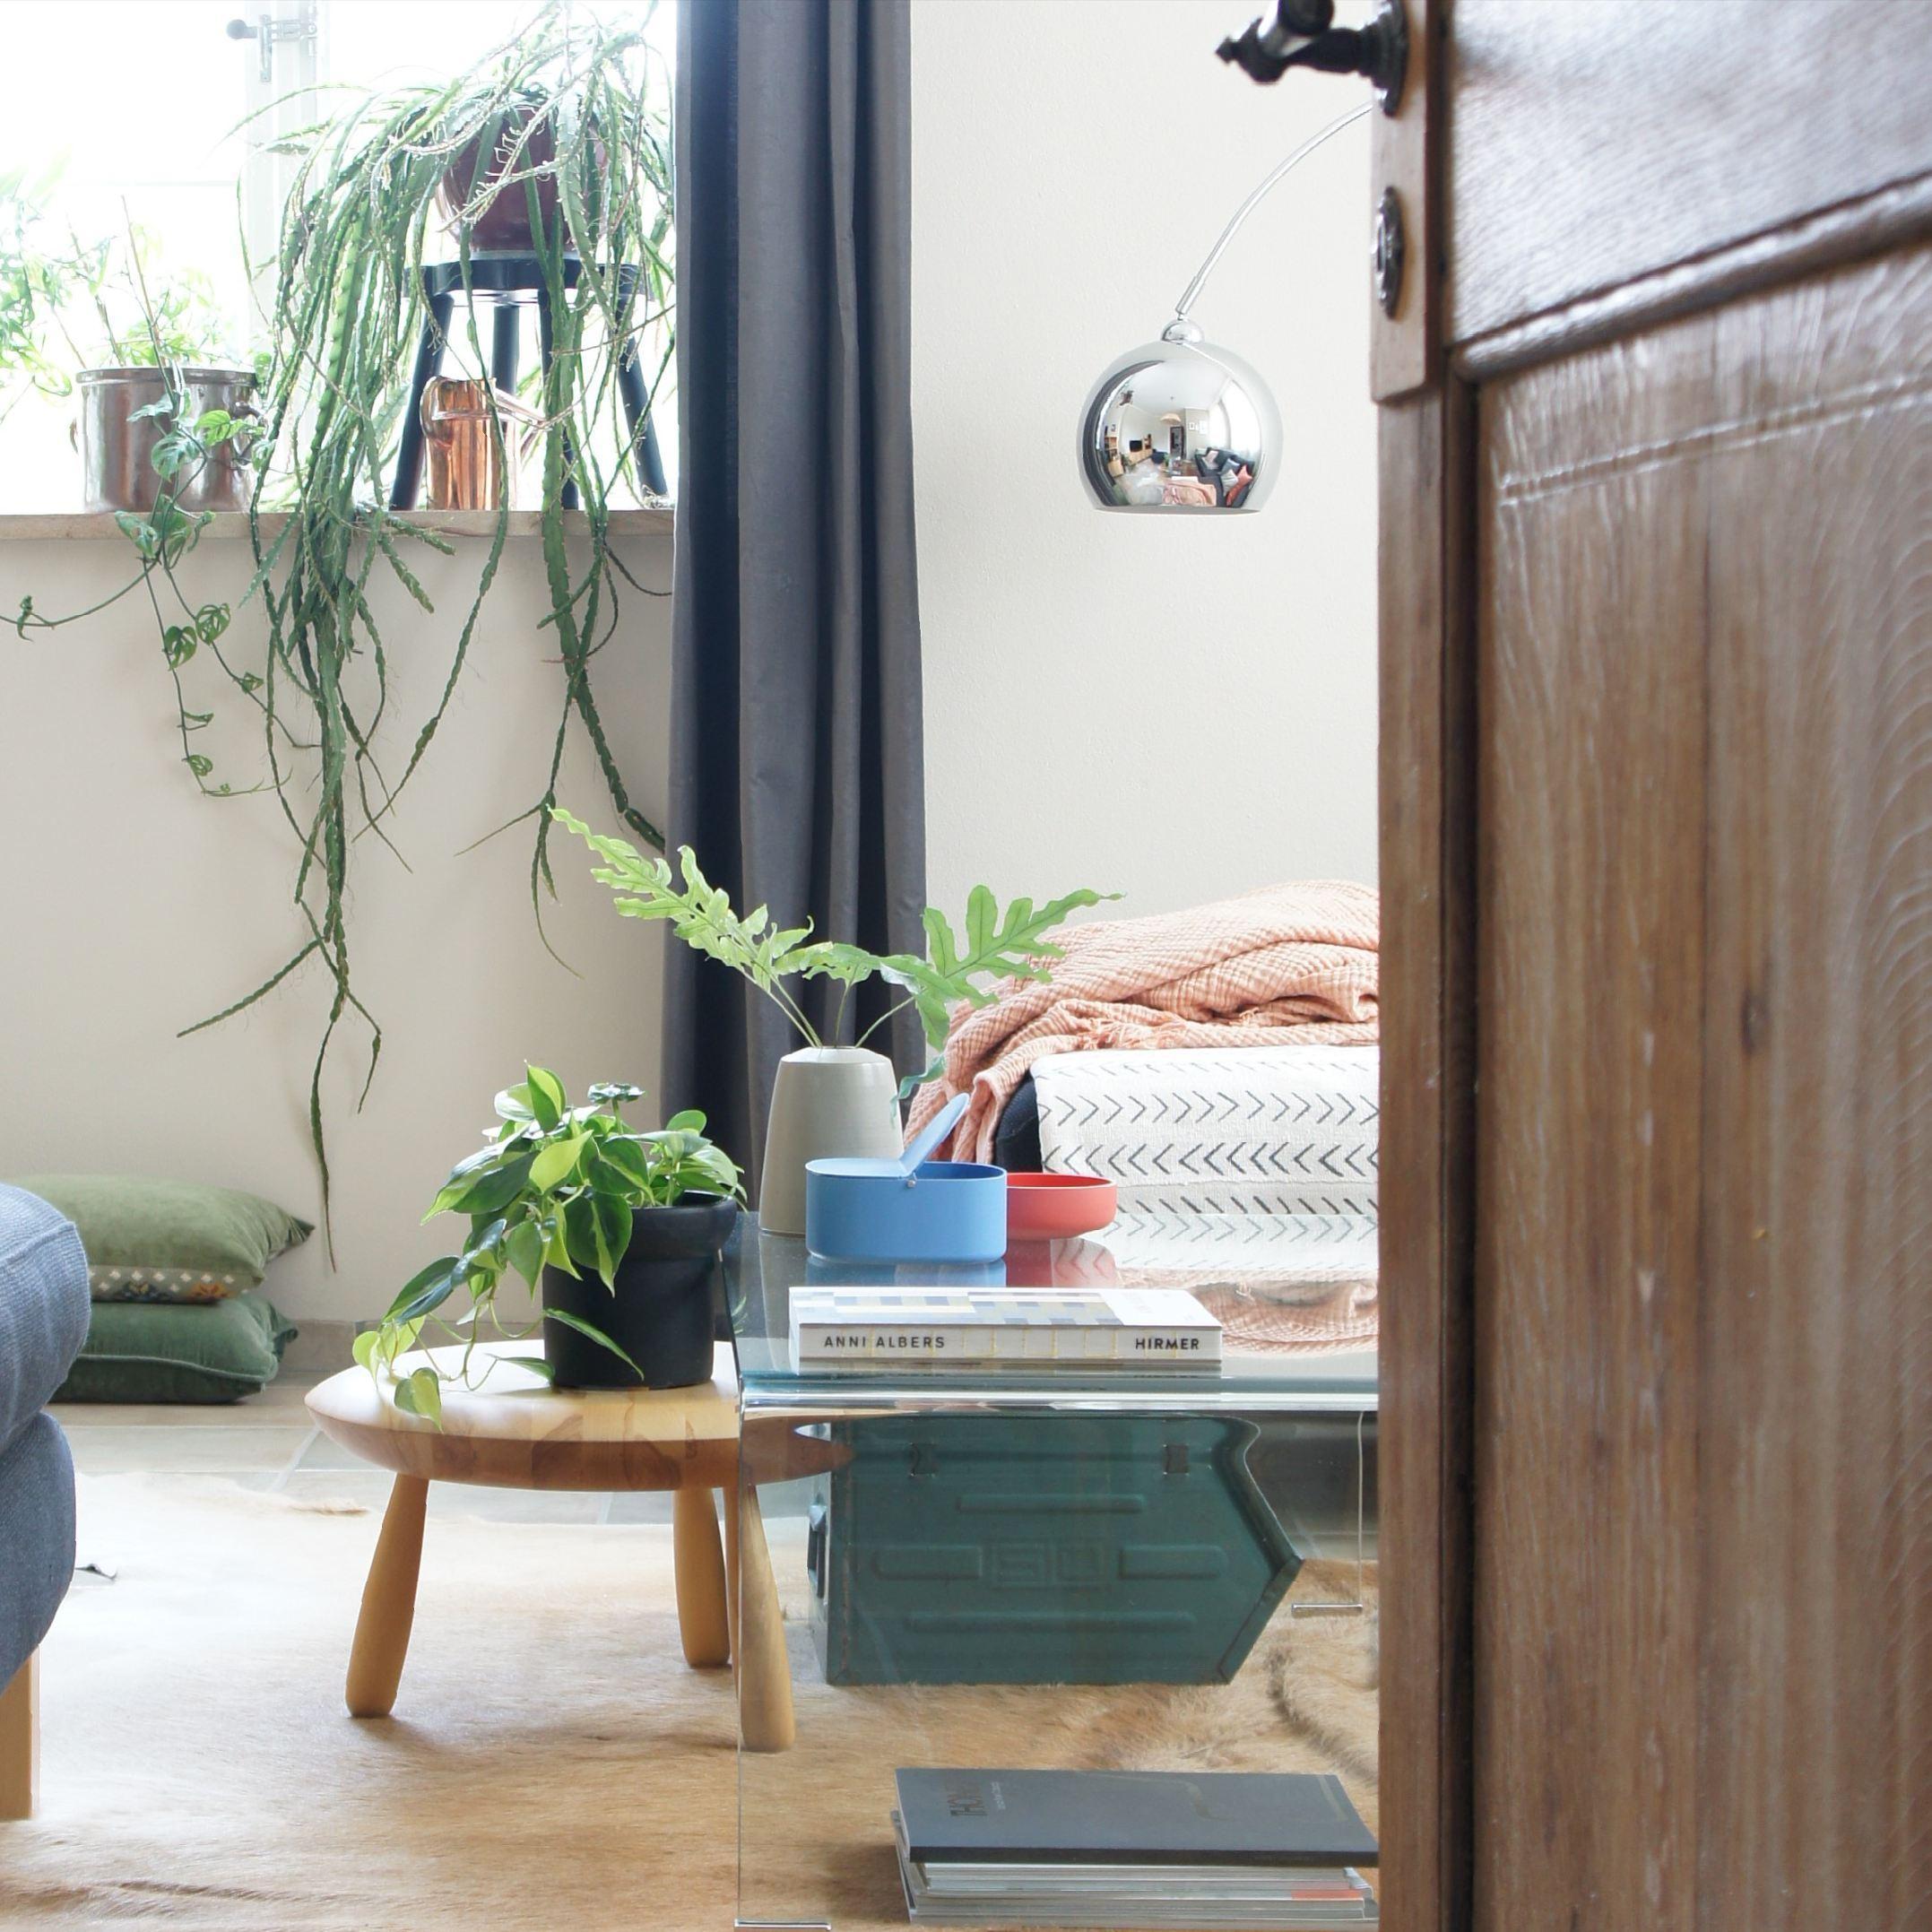 couchtisch ideen f r dein wohnzimmer bei couch. Black Bedroom Furniture Sets. Home Design Ideas